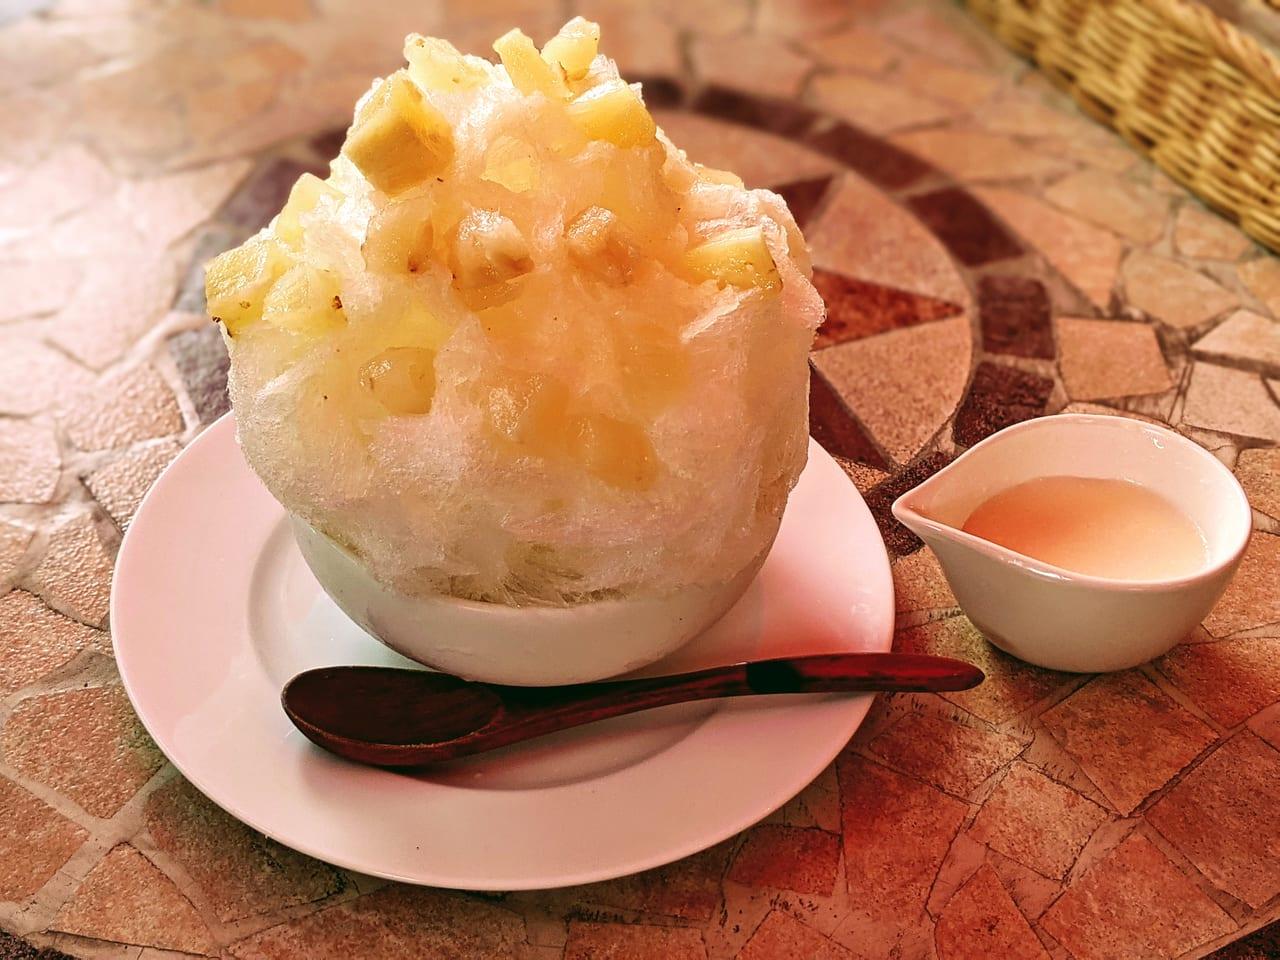 『パティスリーカフェひばり』完熟パイナップルのかき氷